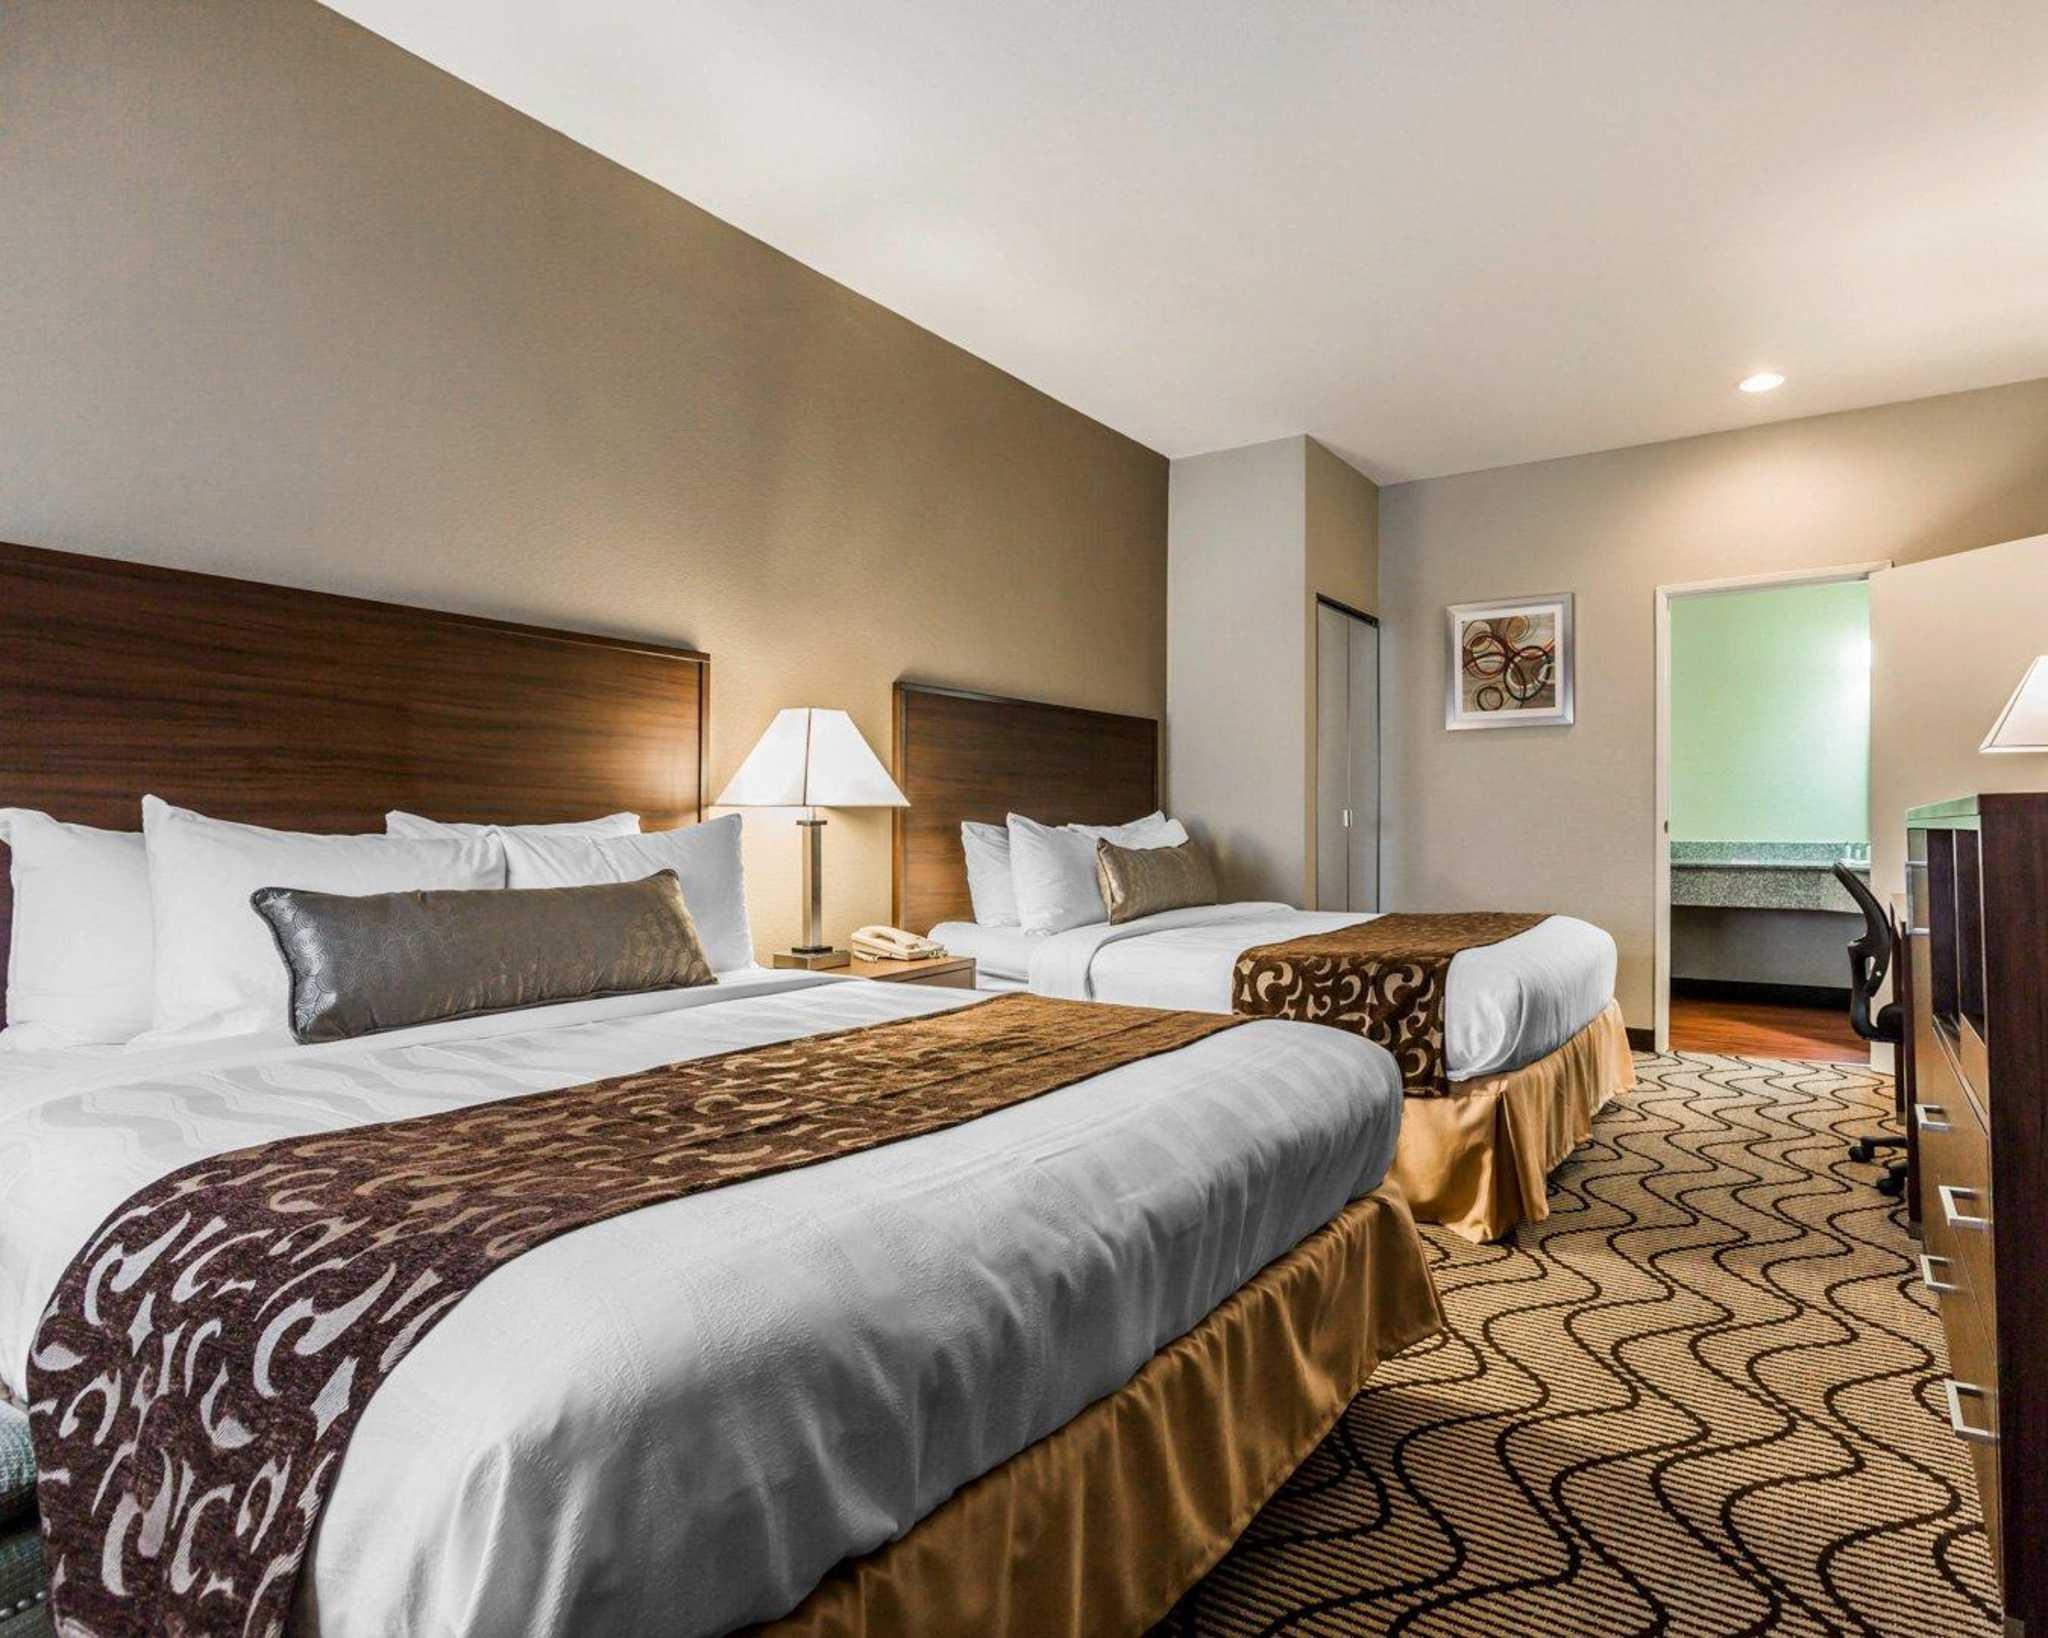 Comfort Inn & Suites Orange County John Wayne Airport image 4